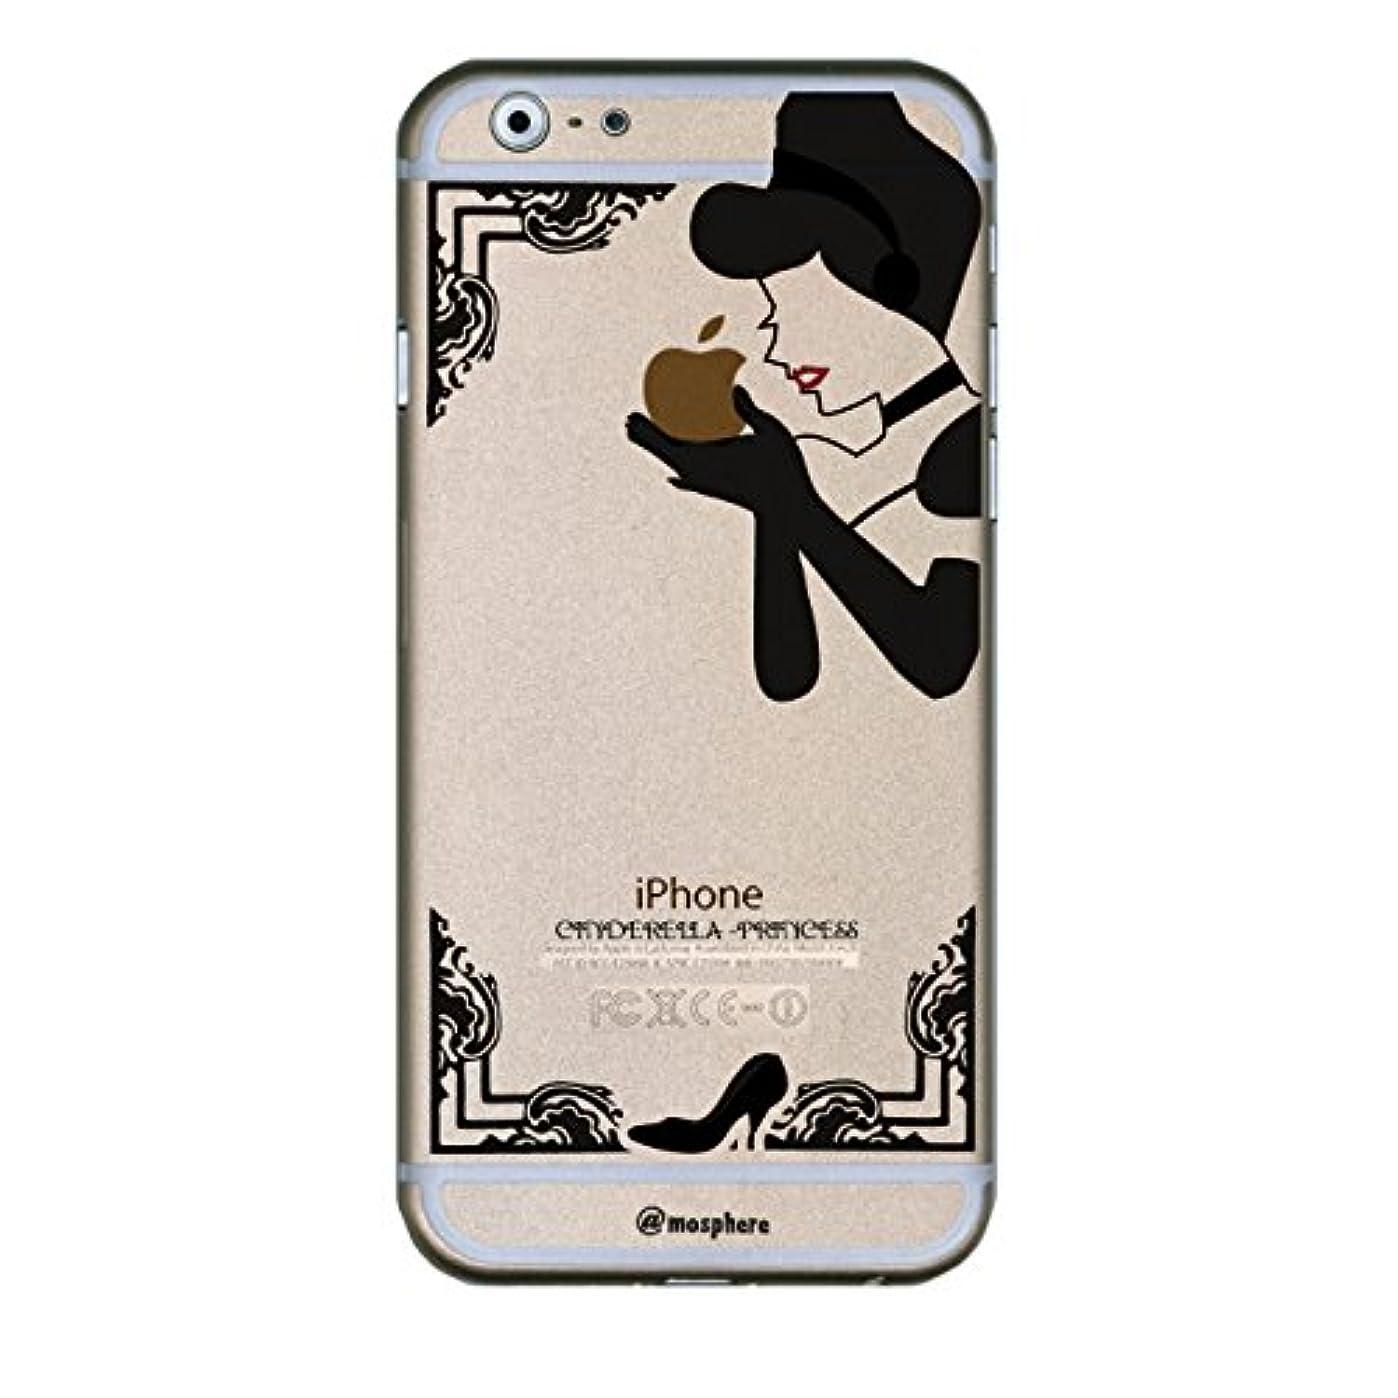 欠かせない影響を受けやすいです異議BRV iPhone6 4.7インチ用 クリアデザインケース Cinderella/BK/EDWP-0018 75540BK